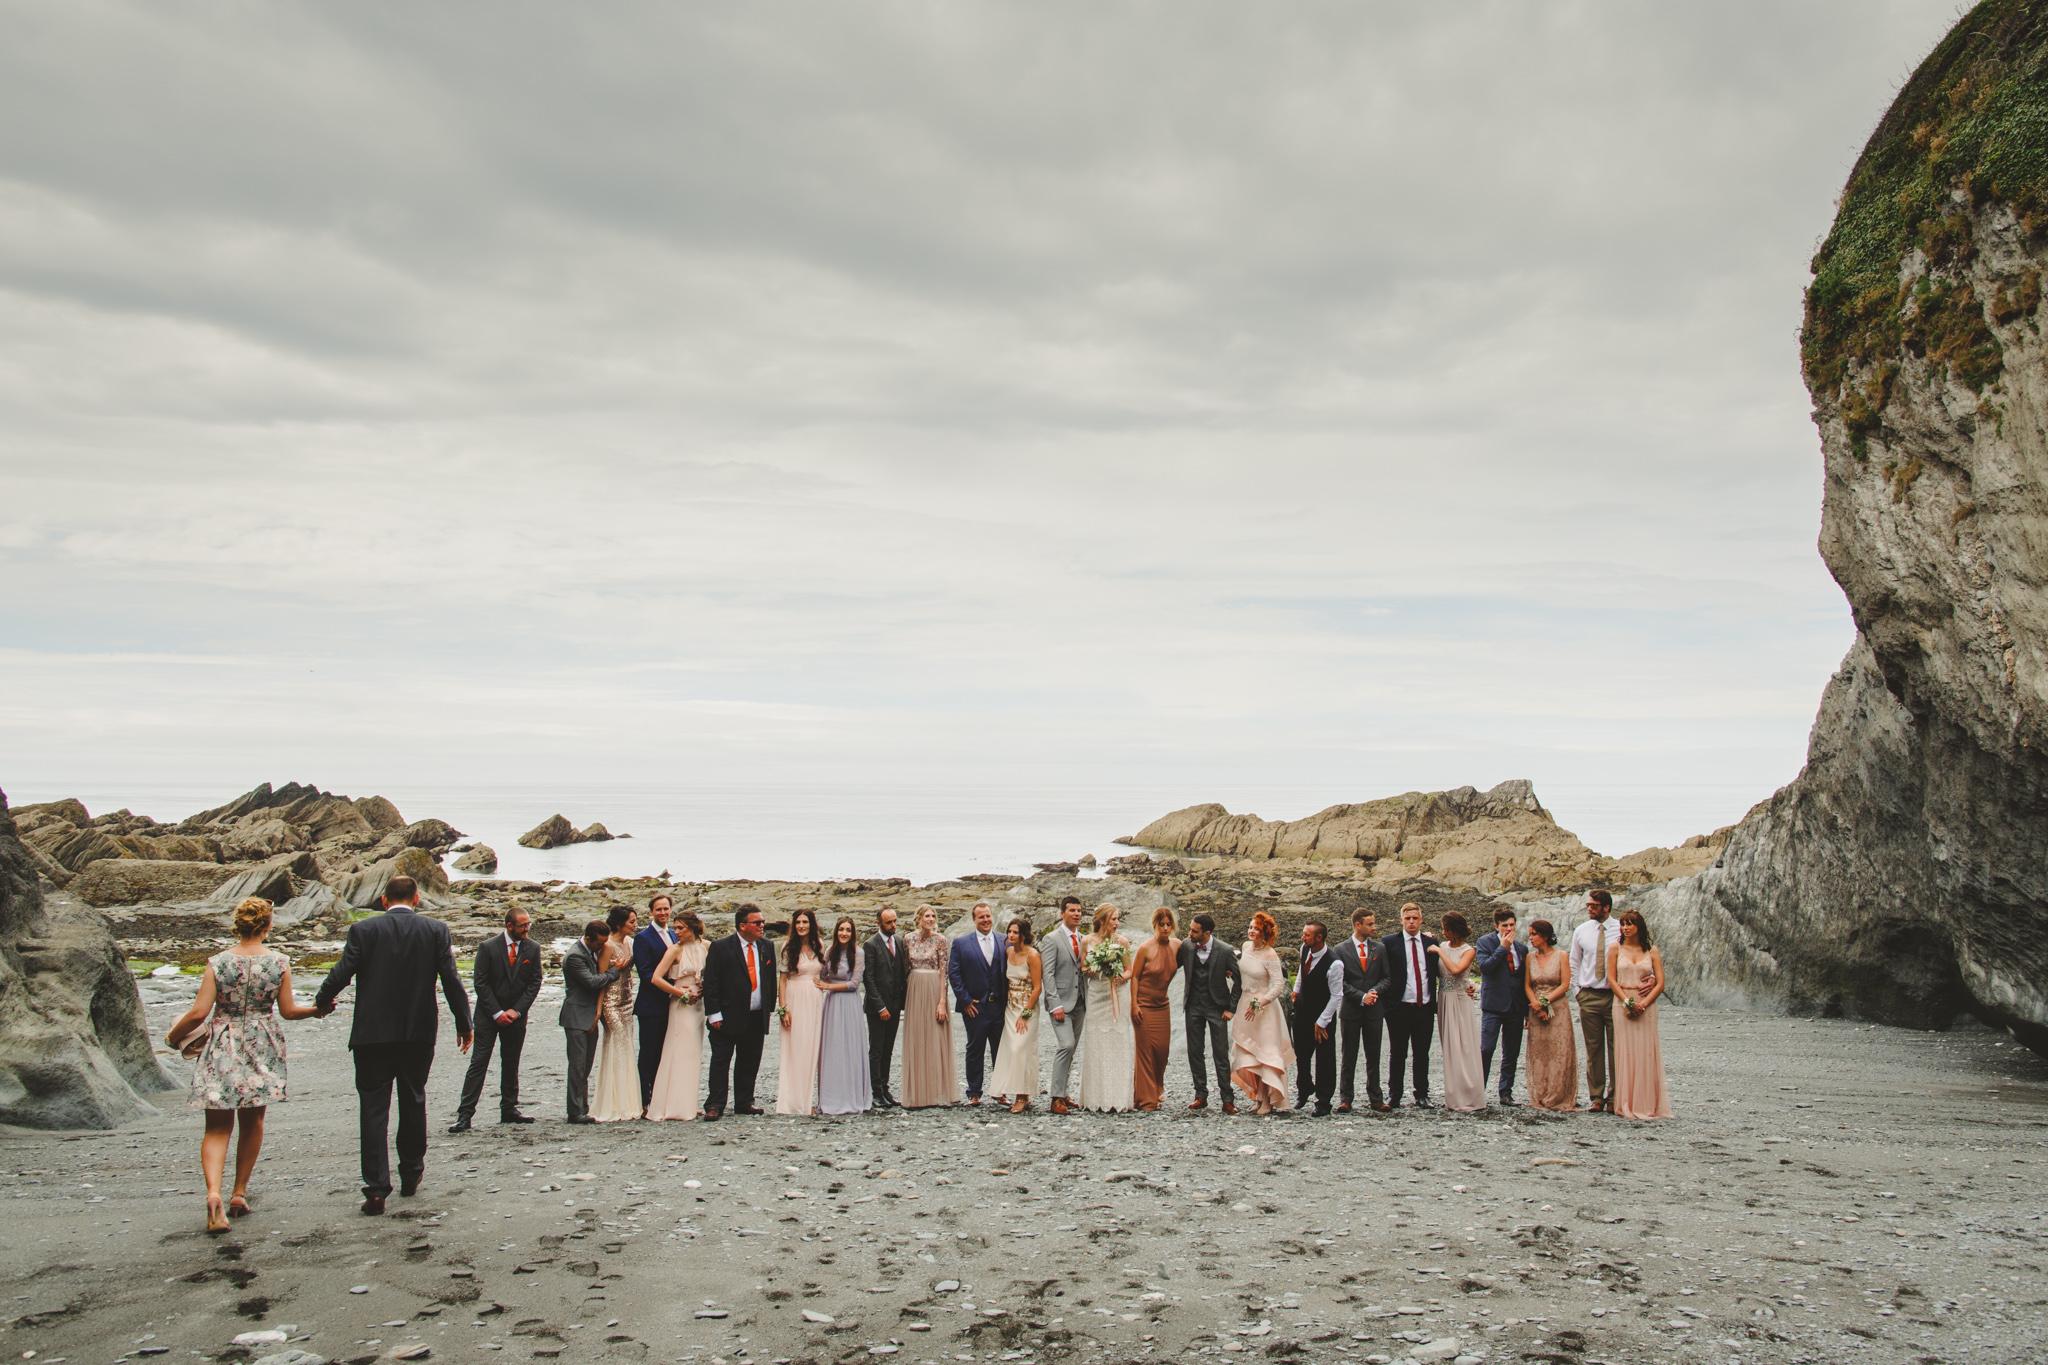 tunnels-beaches-devon-wedding-photography-24.jpg